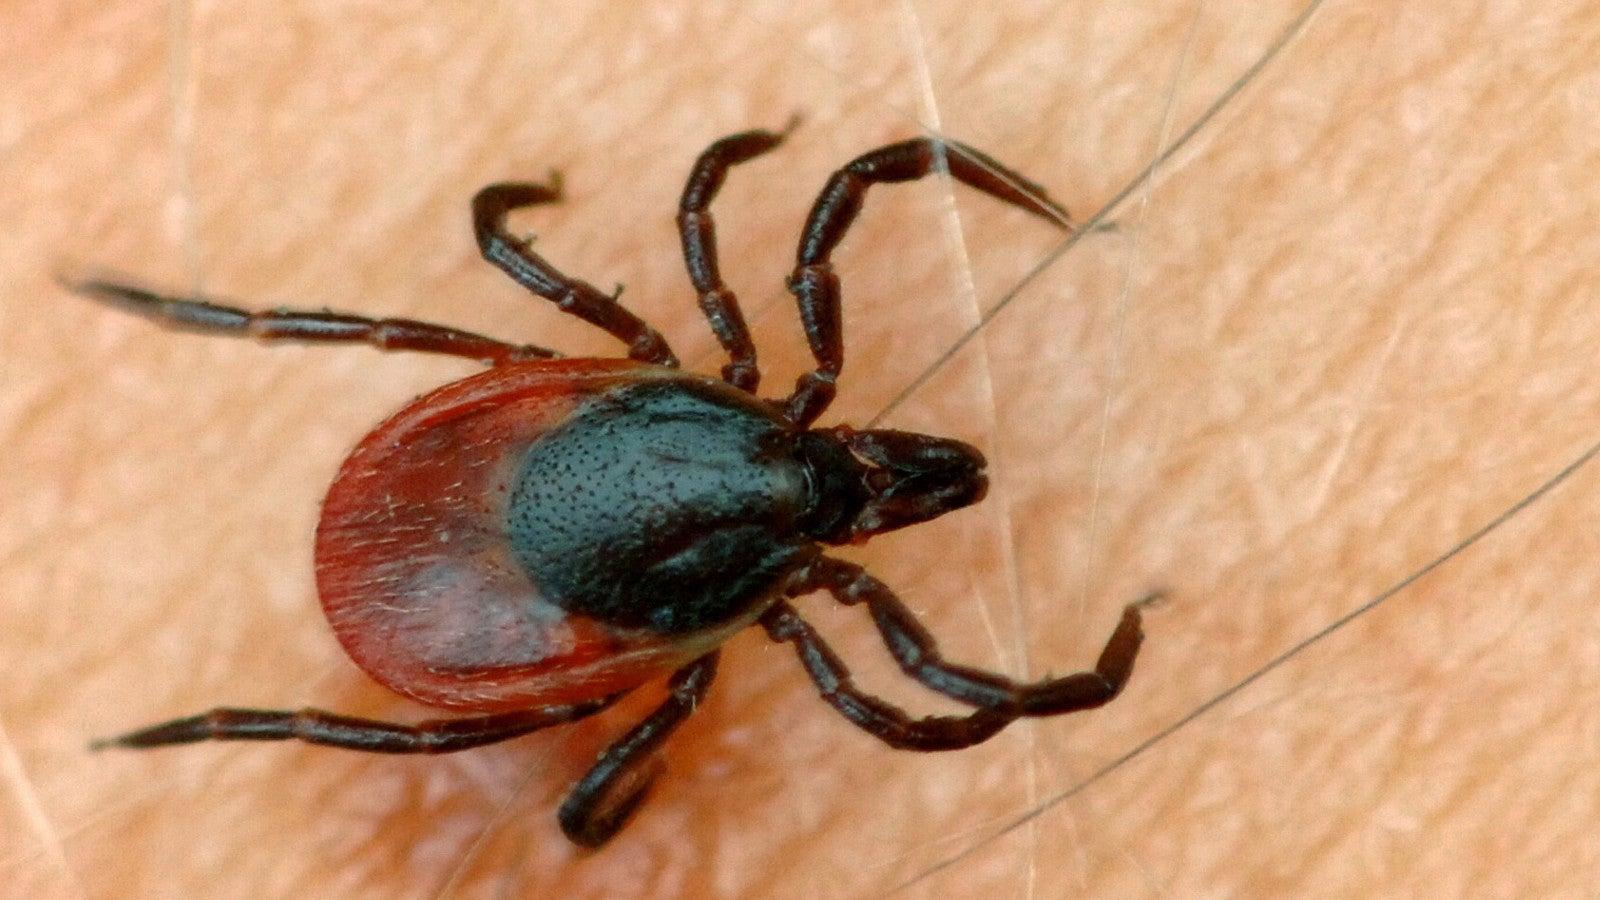 """""""Höchste Zahl an Zecken in den letzten zehnJahren"""": Das Infektionsrisiko steigt"""